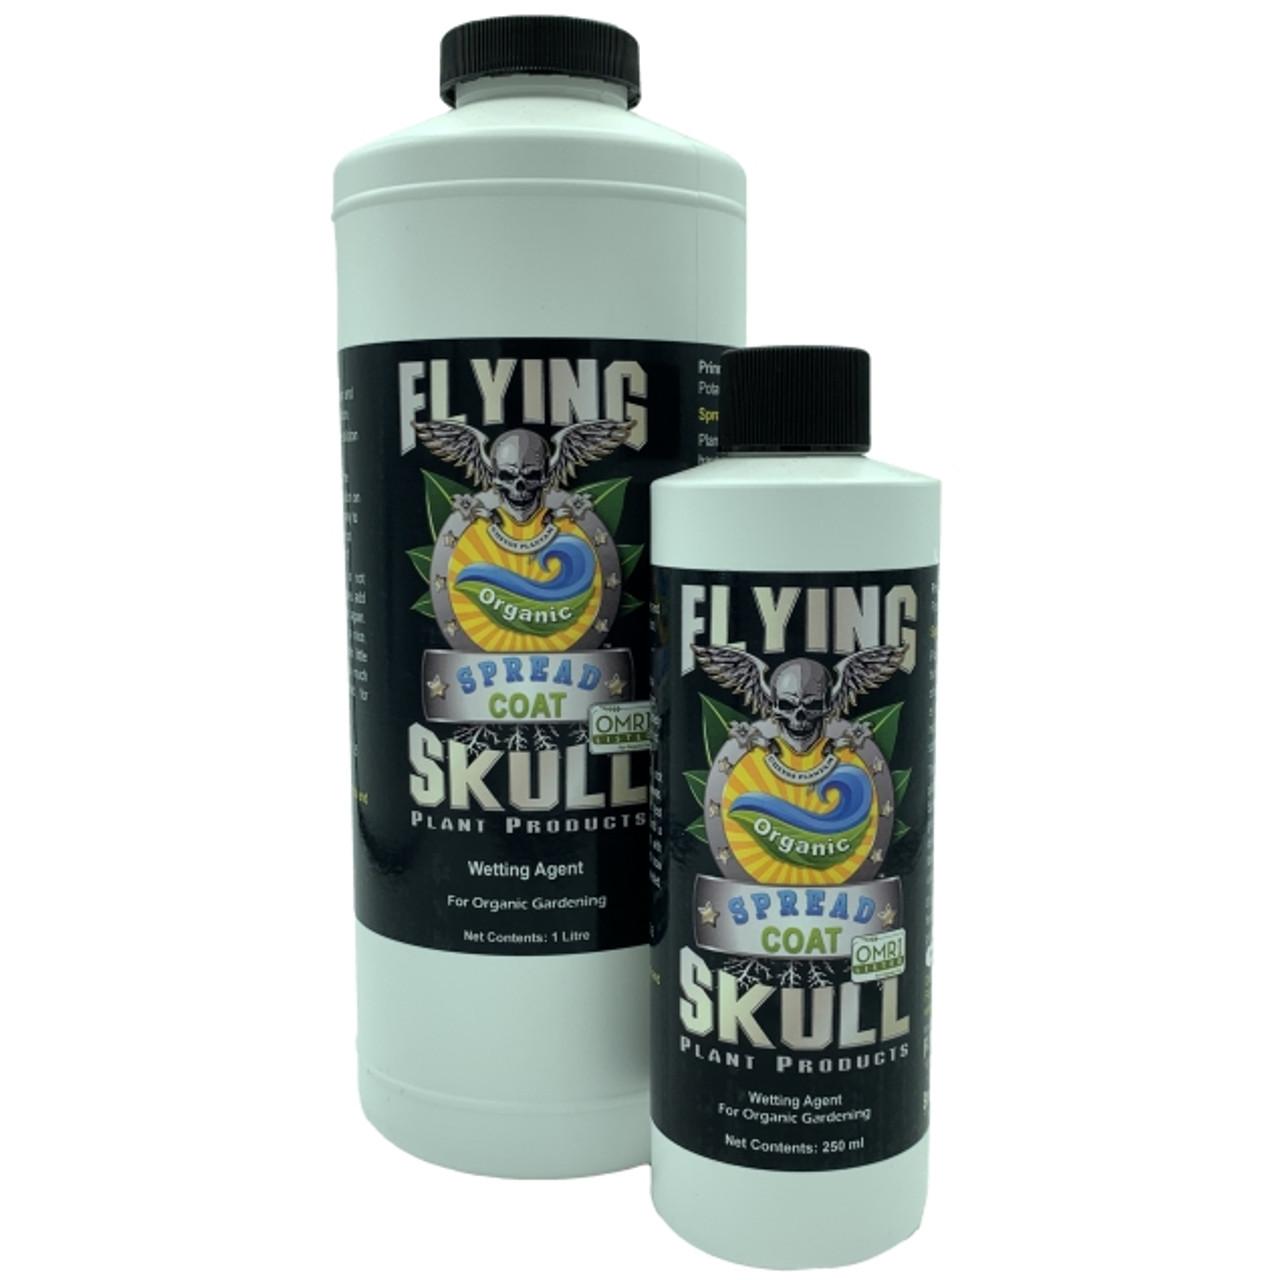 Flying Skull Spread Coat 250ml and 1 litre Bottles